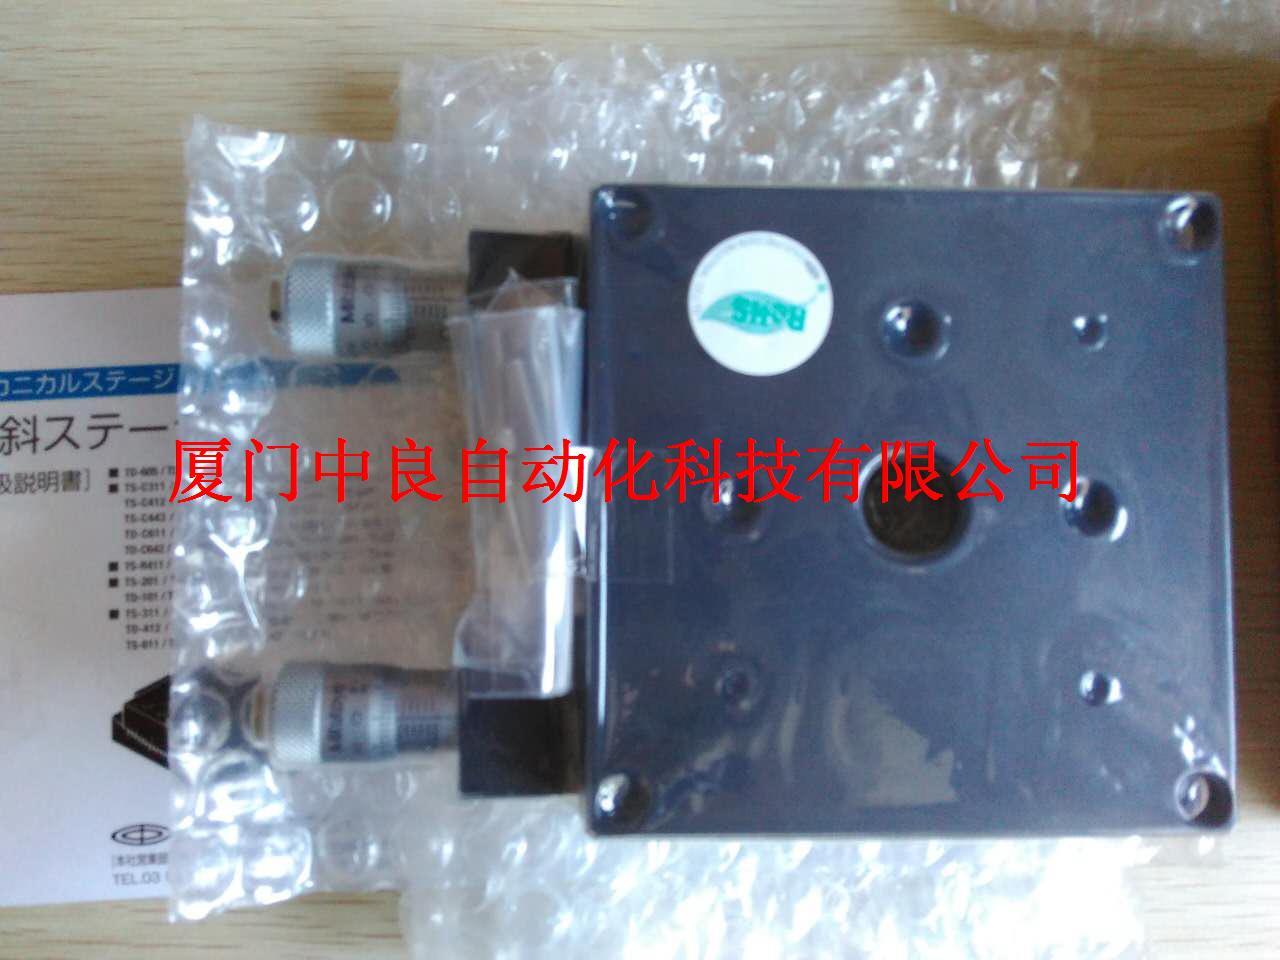 Bien BM-40C marco central de Japón CHUOSEIKI magnética de las importaciones paralelas BM-45K-65K-90K-125K